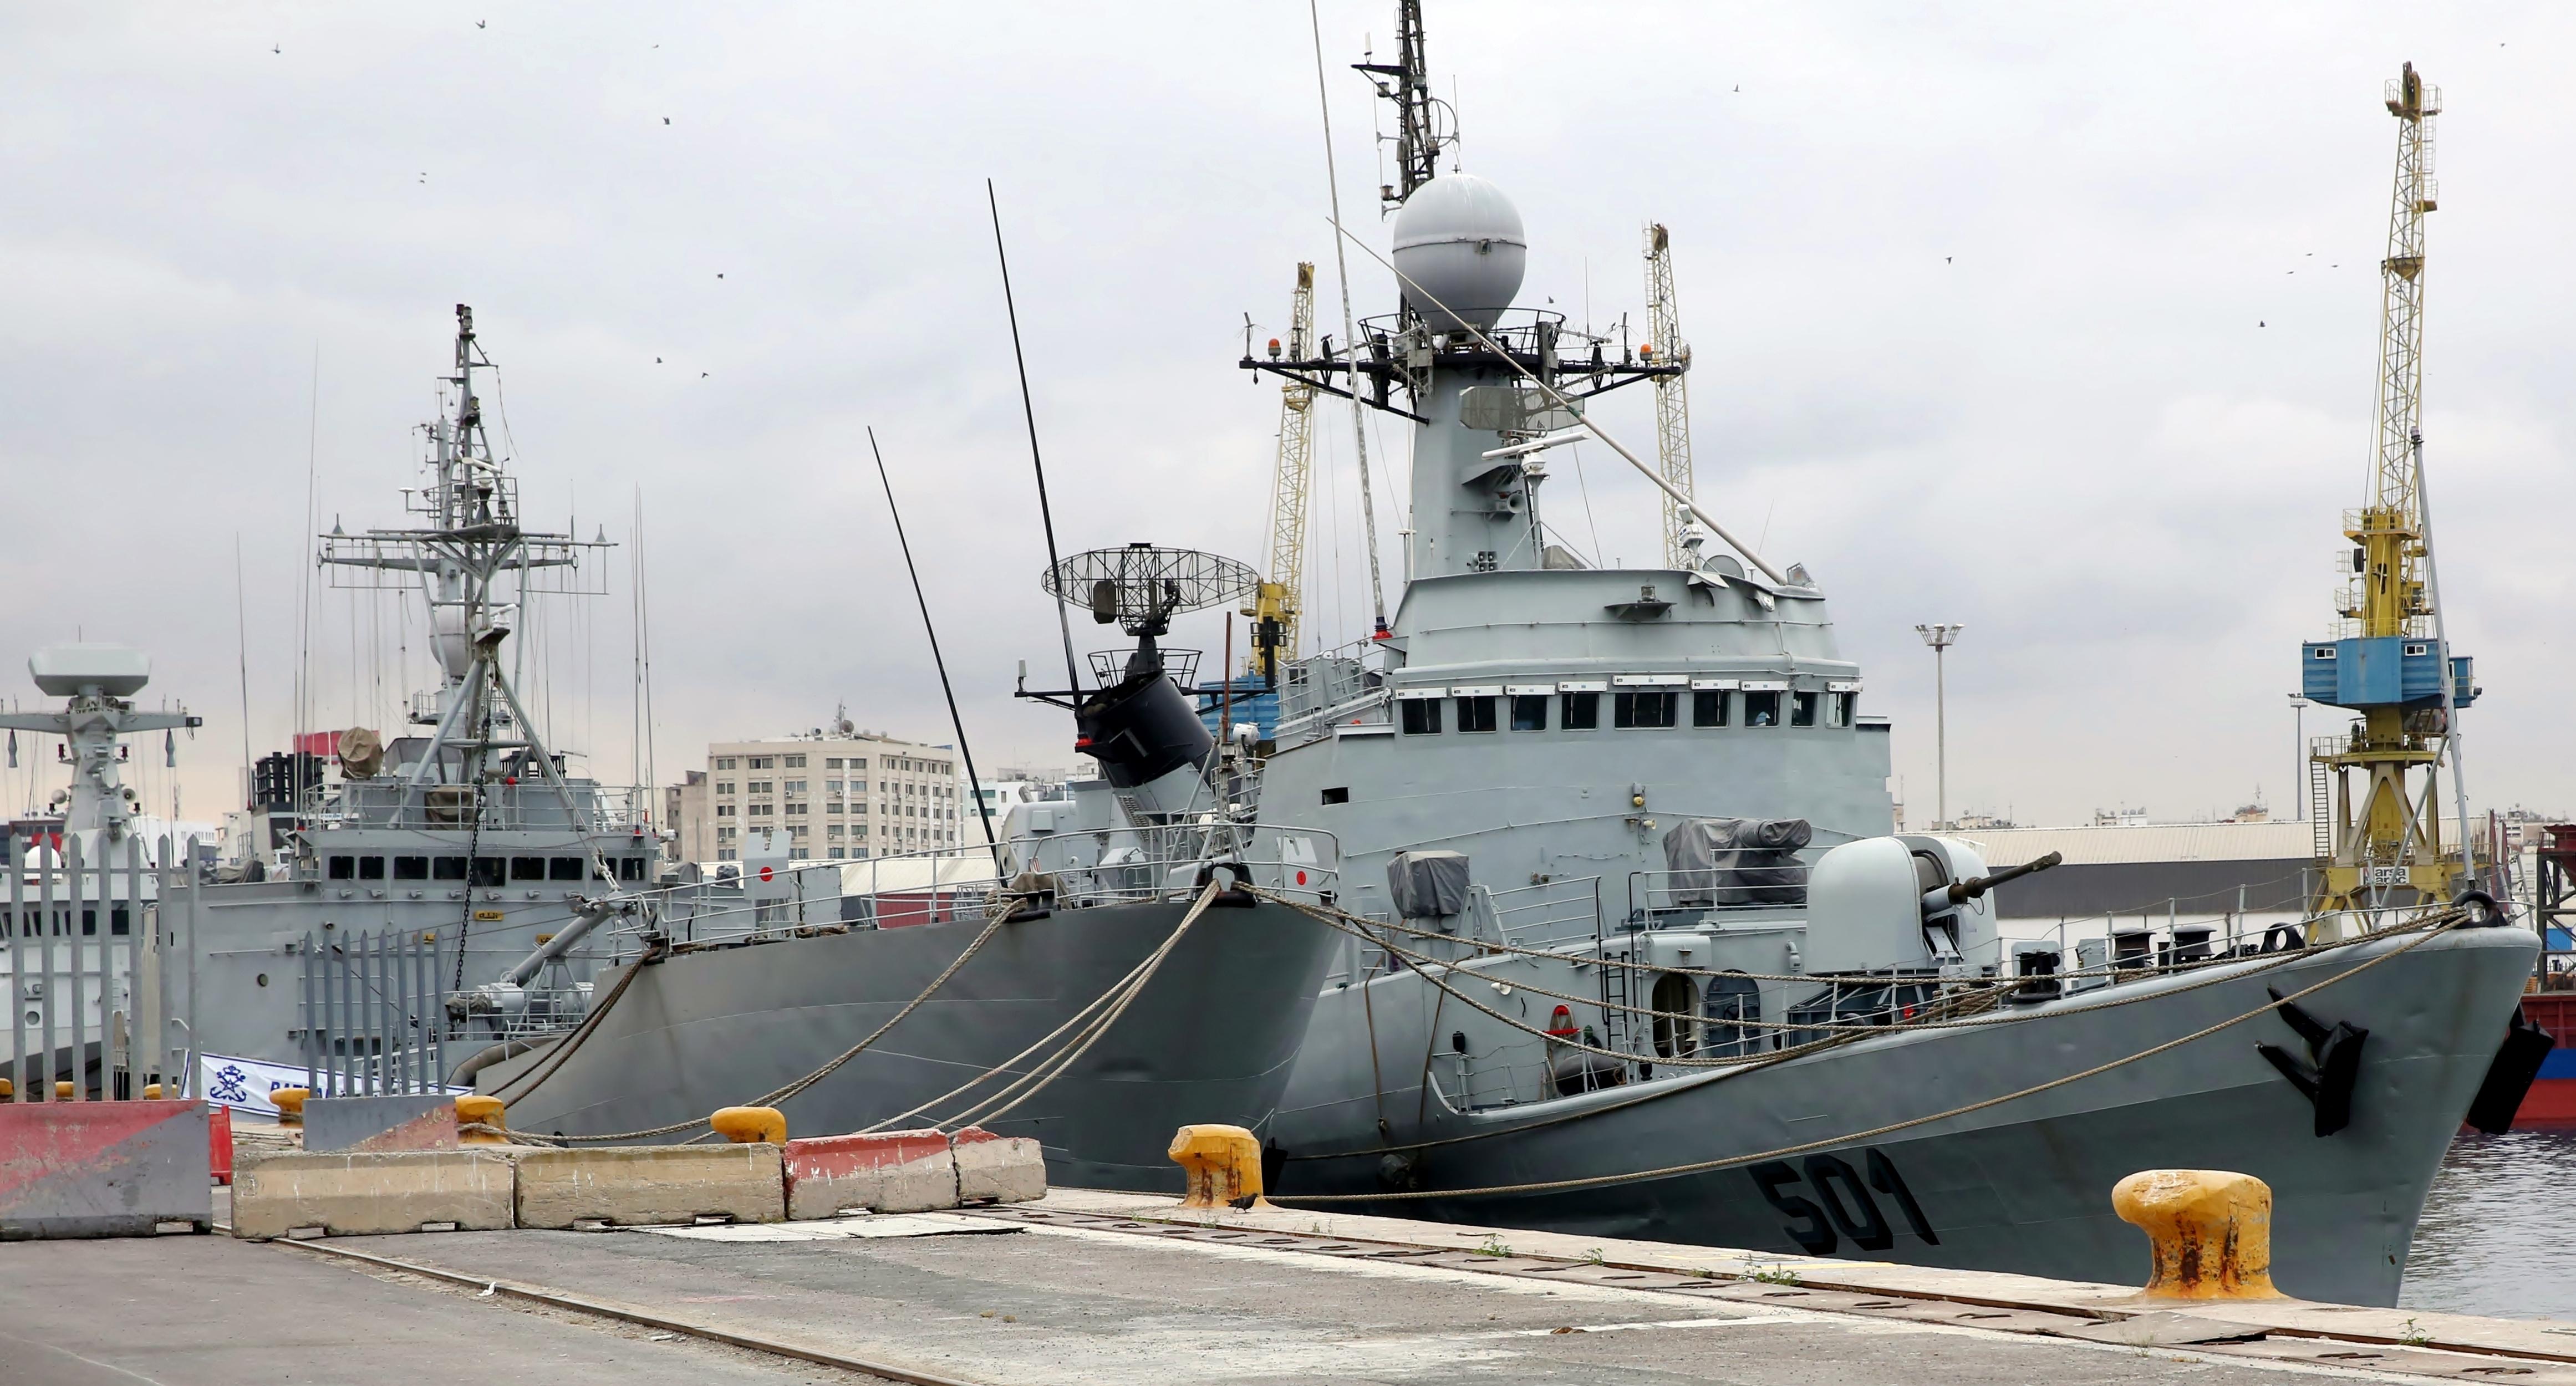 Royal Moroccan Navy Descubierta Frigate / Patrouilleur Océanique Lt Cl Errahmani - Bâtiment École - Page 3 32066160543_937428f6fb_o